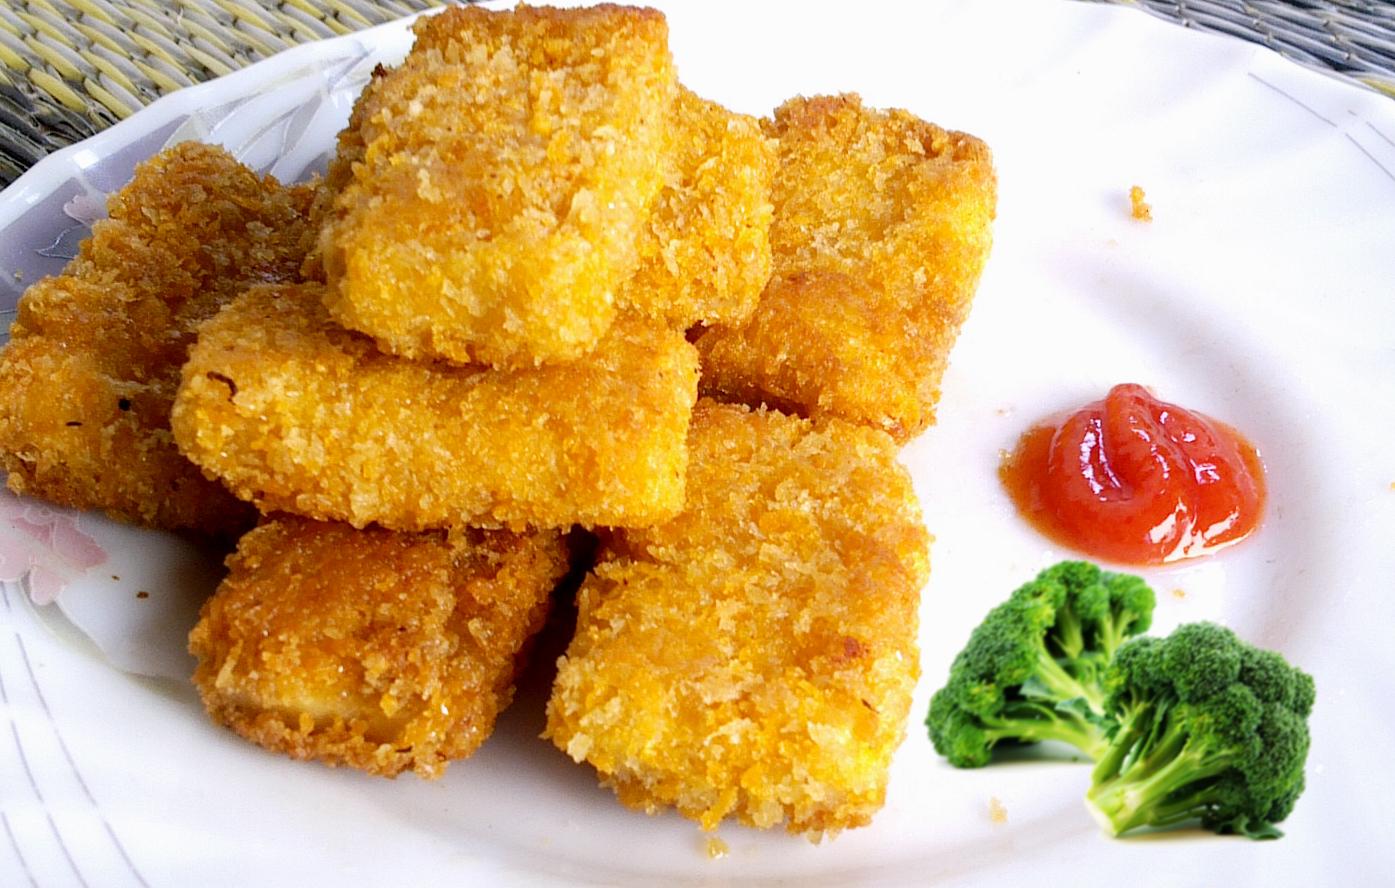 Resep Cara Membuat Nugget Ayam Keju Sehat Mudah